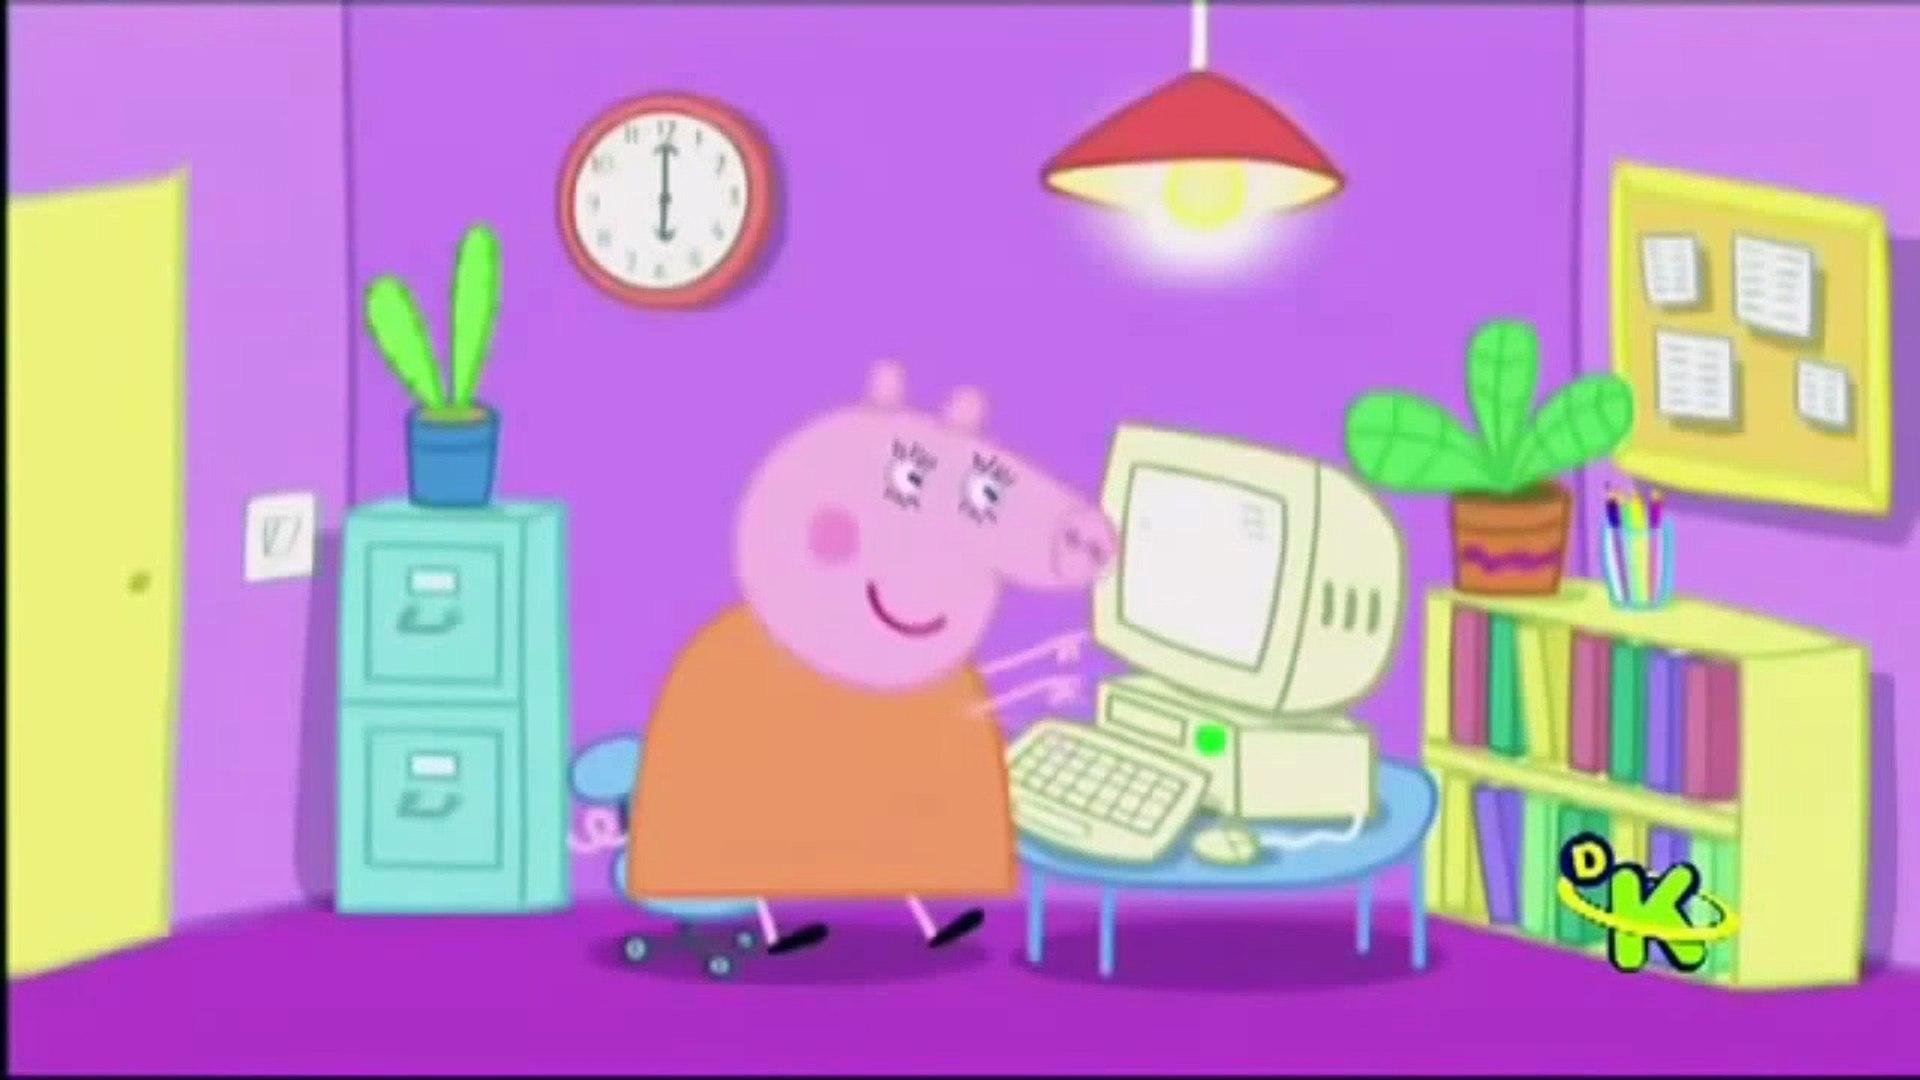 Ytpbr-Peppa pig e a queda de bosta.